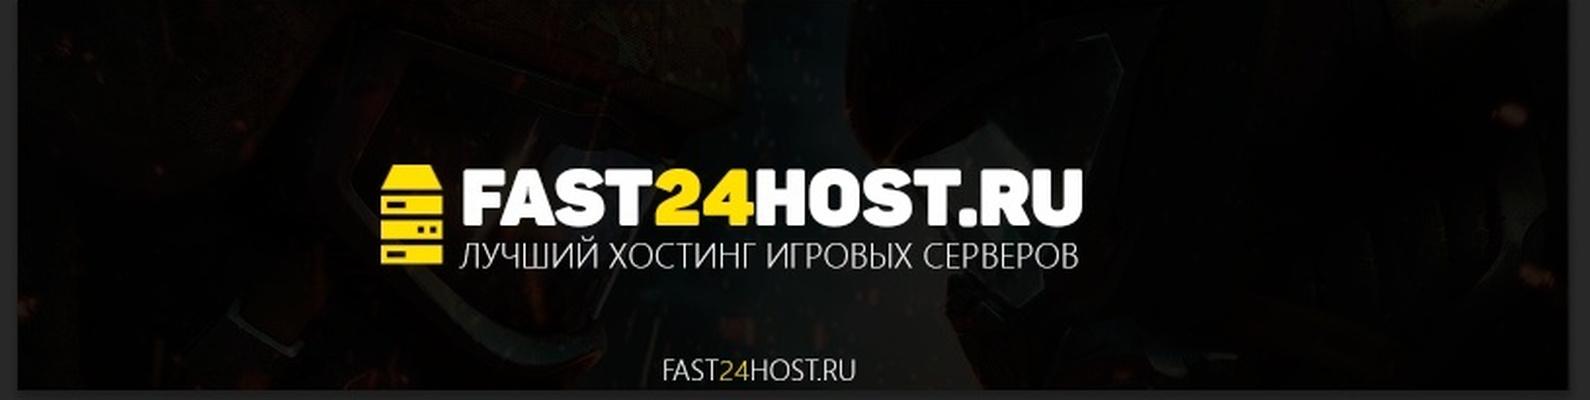 бесплатный хостинг для создания серверов minecraft